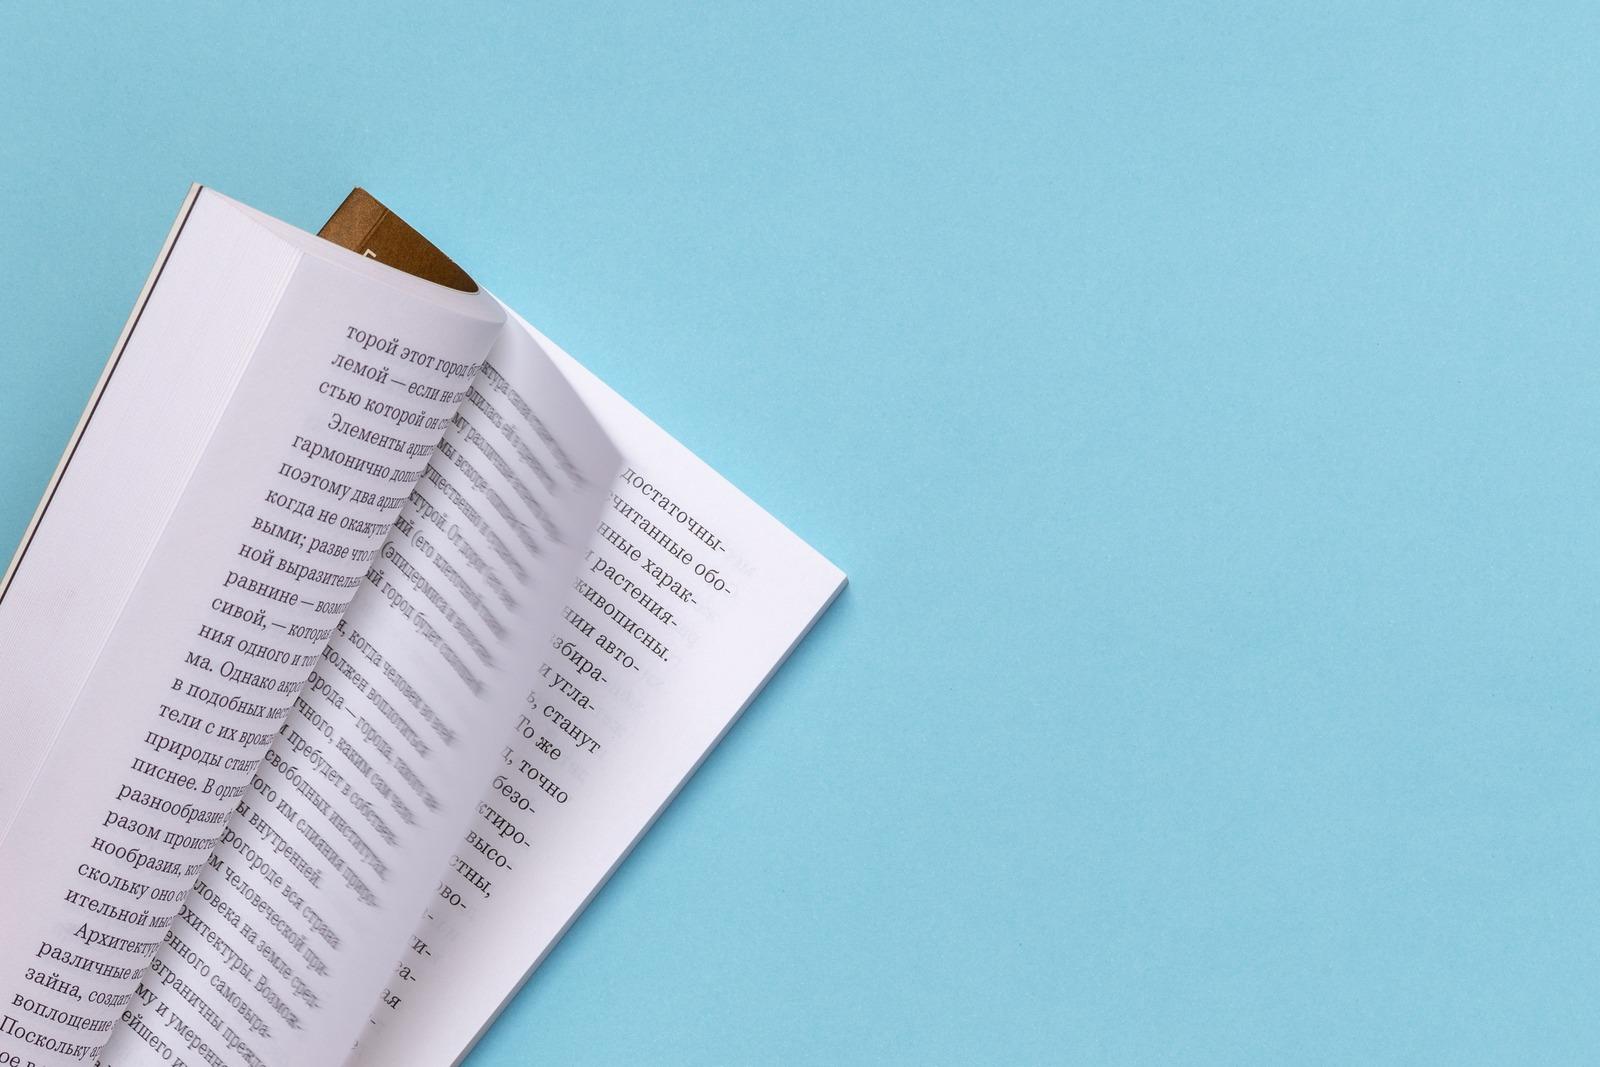 Book in Russian